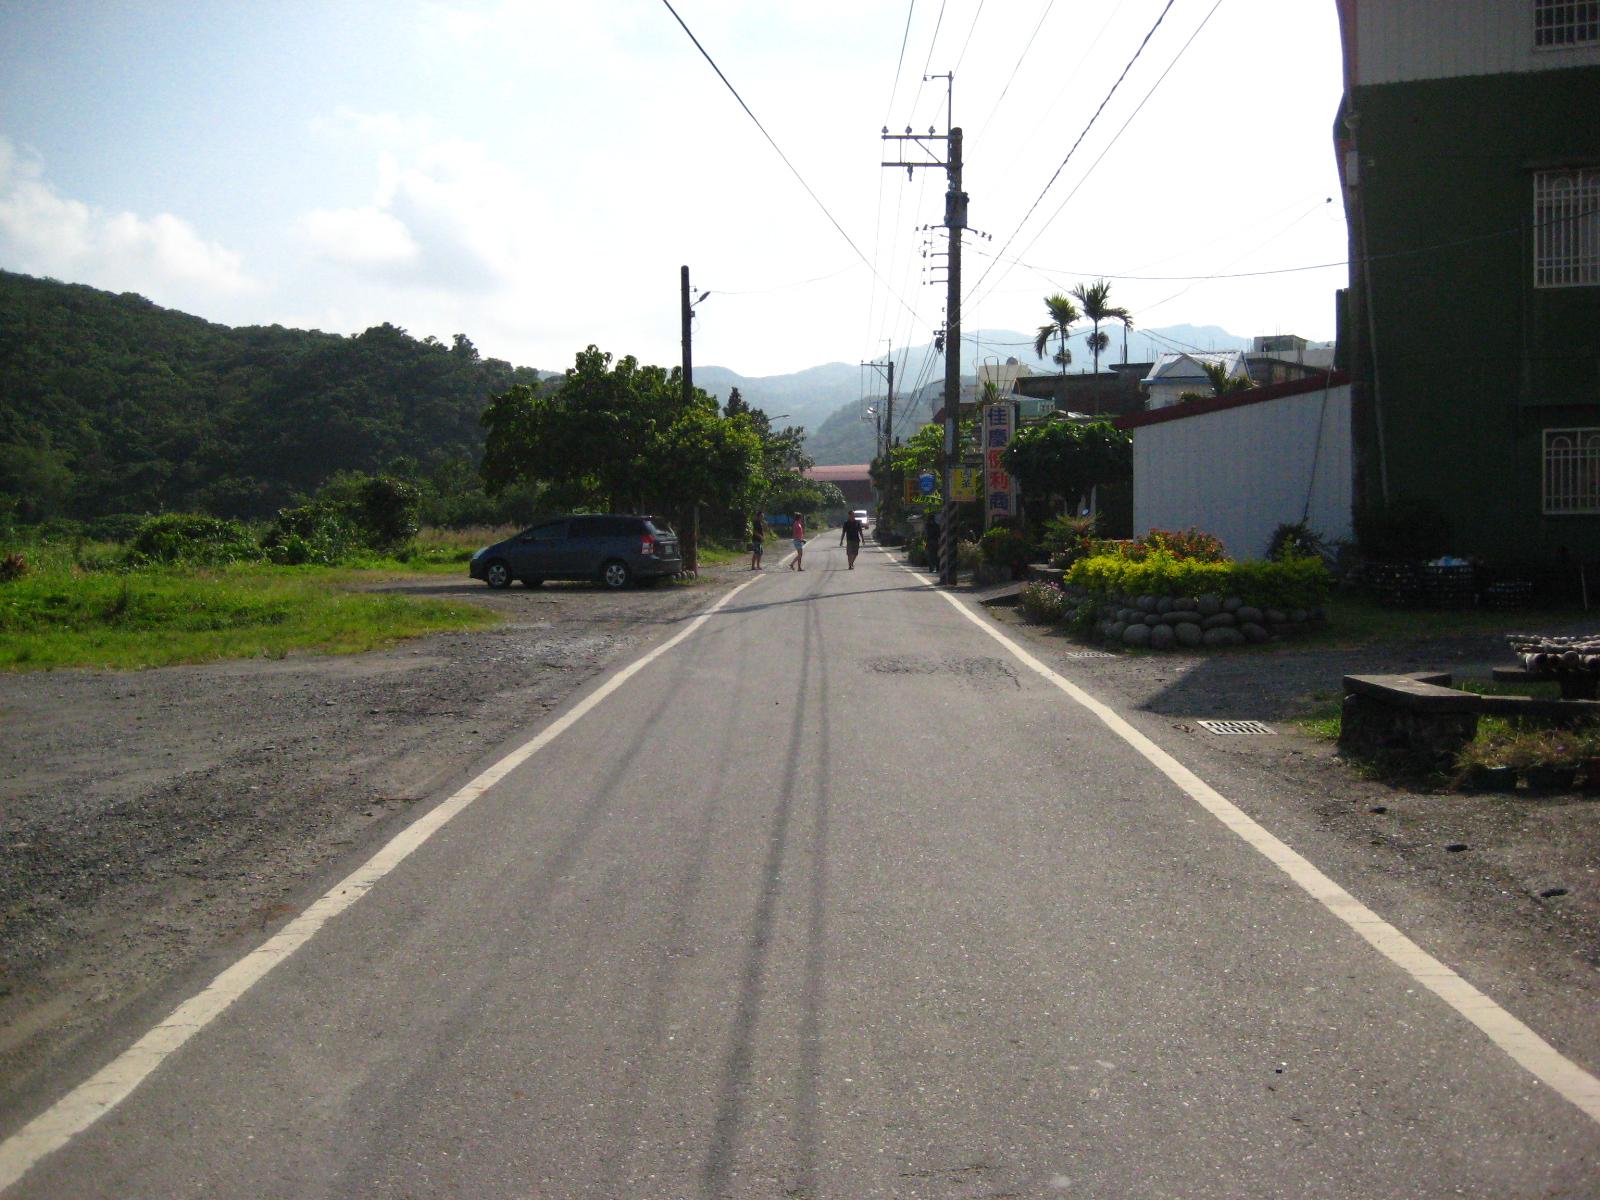 自転車の 台湾 自転車 一周 旅行 : 徒然草: 2008台湾自転車旅行 第 ...